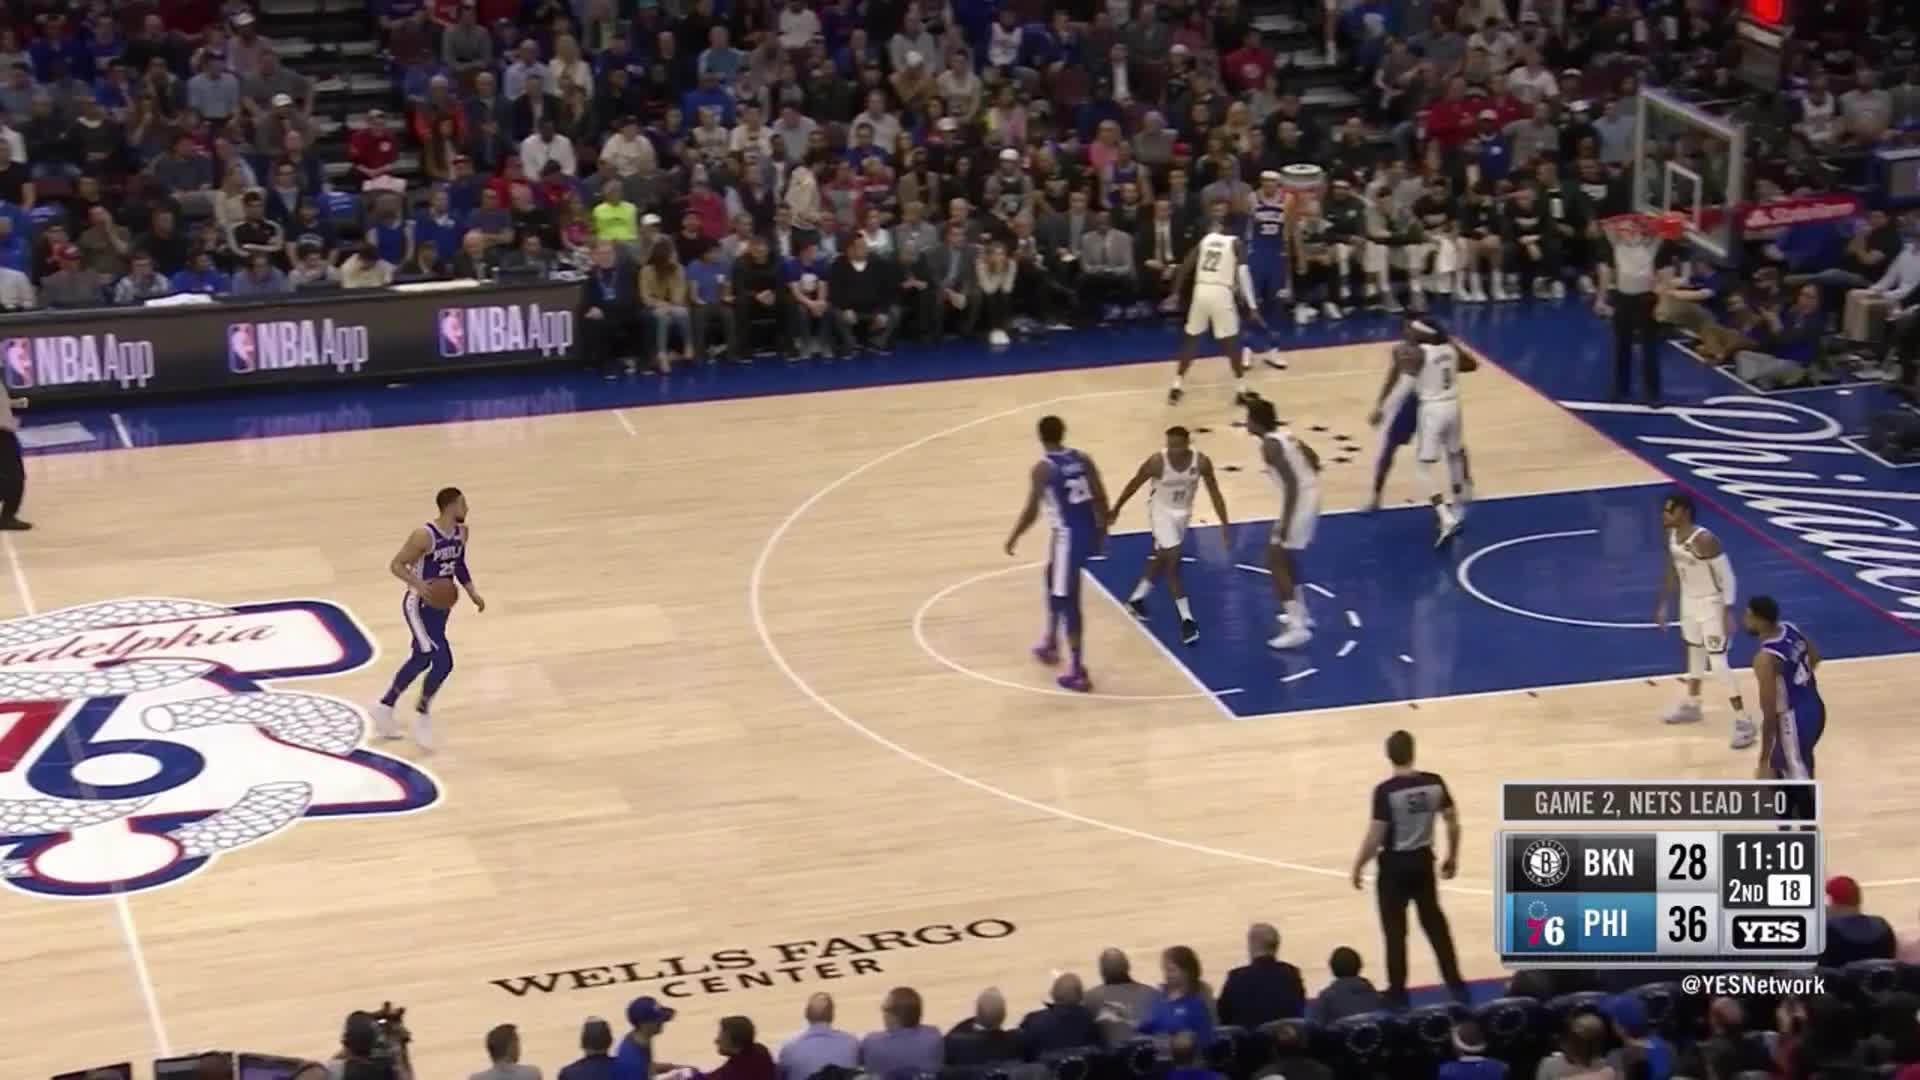 Ben Simmons, Brooklyn Nets, NBA, Philadelphia 76ers, basketball, Ben Simmons halfcourt drive G2_No Dudley GIFs